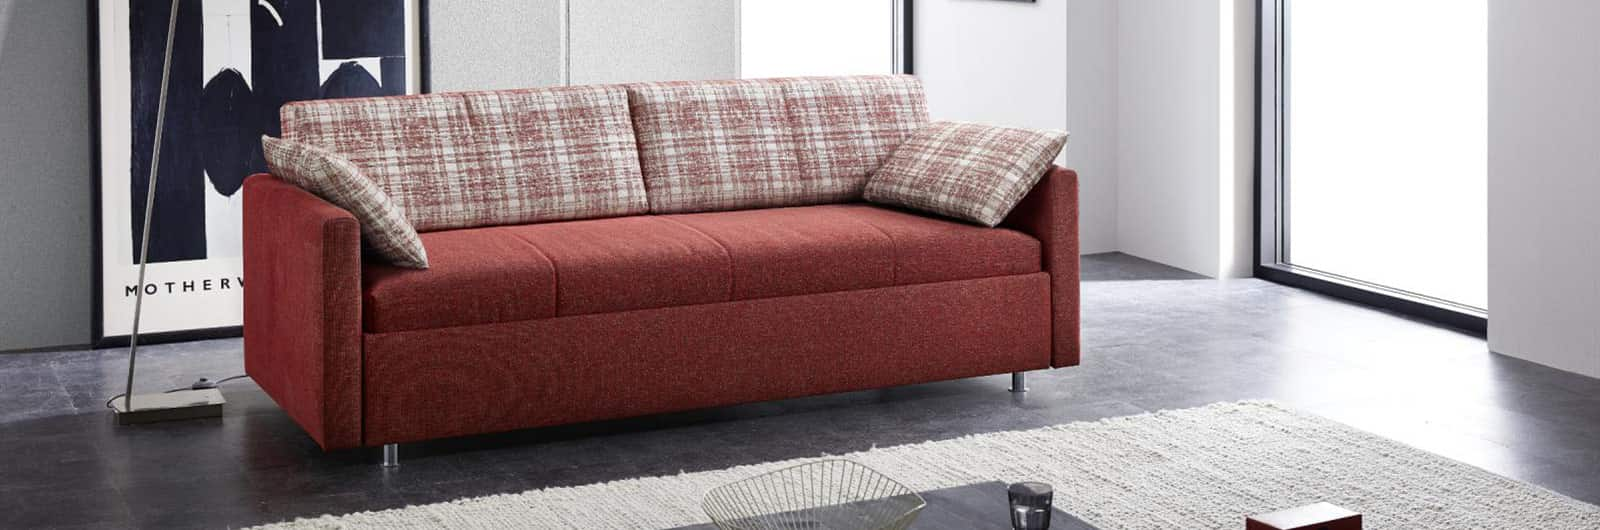 INNSBRUCK DELUXE Schlafsofa mit Lattenrost, Matratze und großen Bettkasten unter der Liegefläche